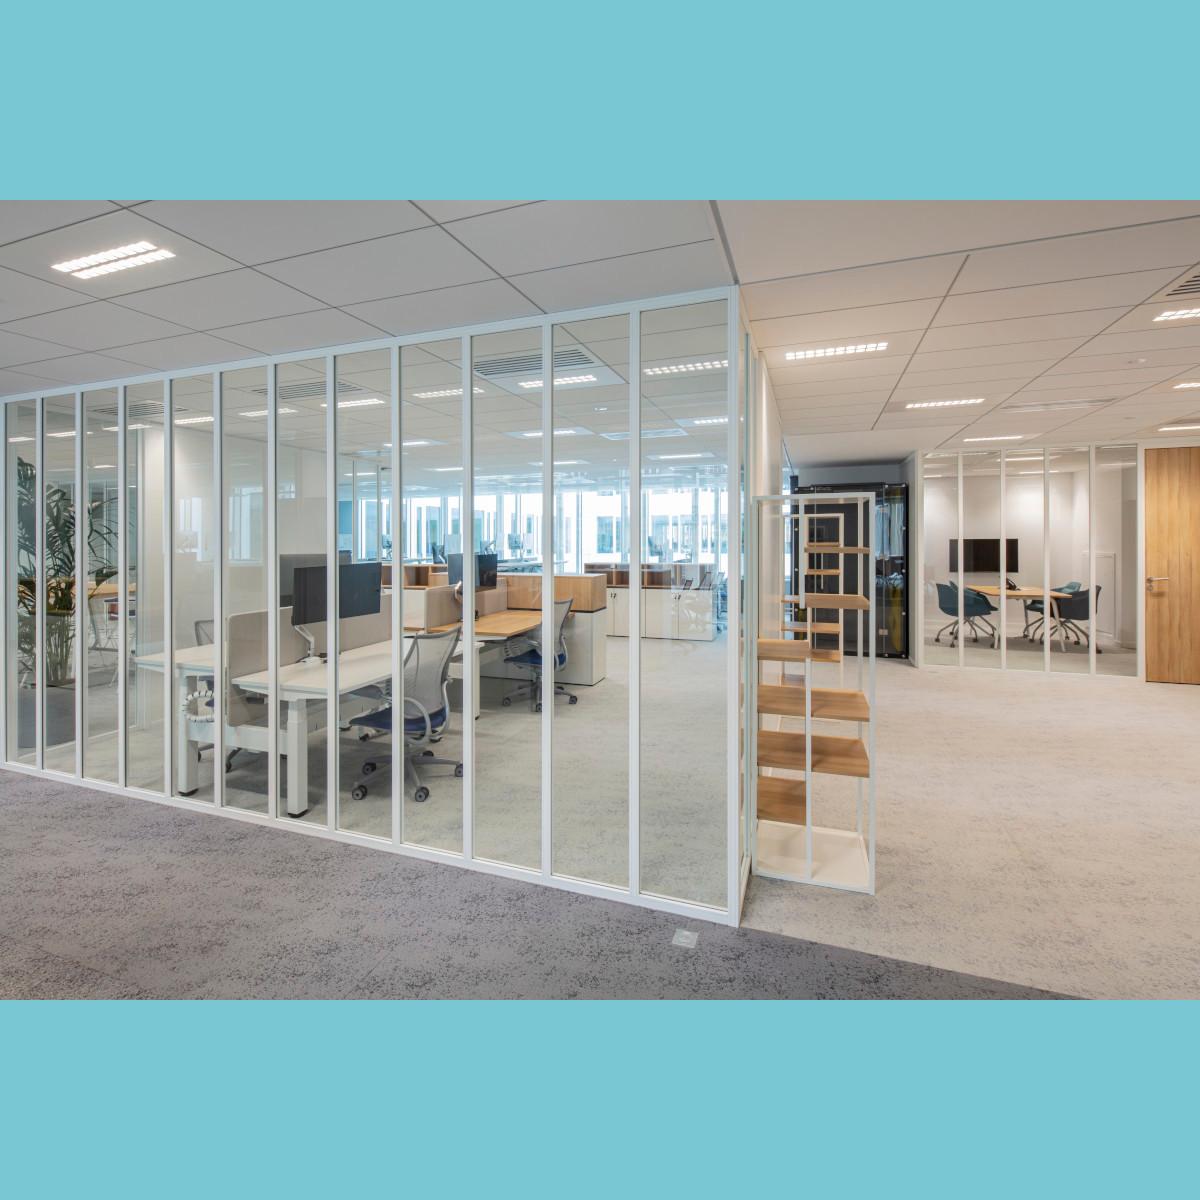 Altarea - siège social 87 rue de Richelieu à Paris - cloison amovible de bureau simple vitrage bord à bord Partena 40 Vision